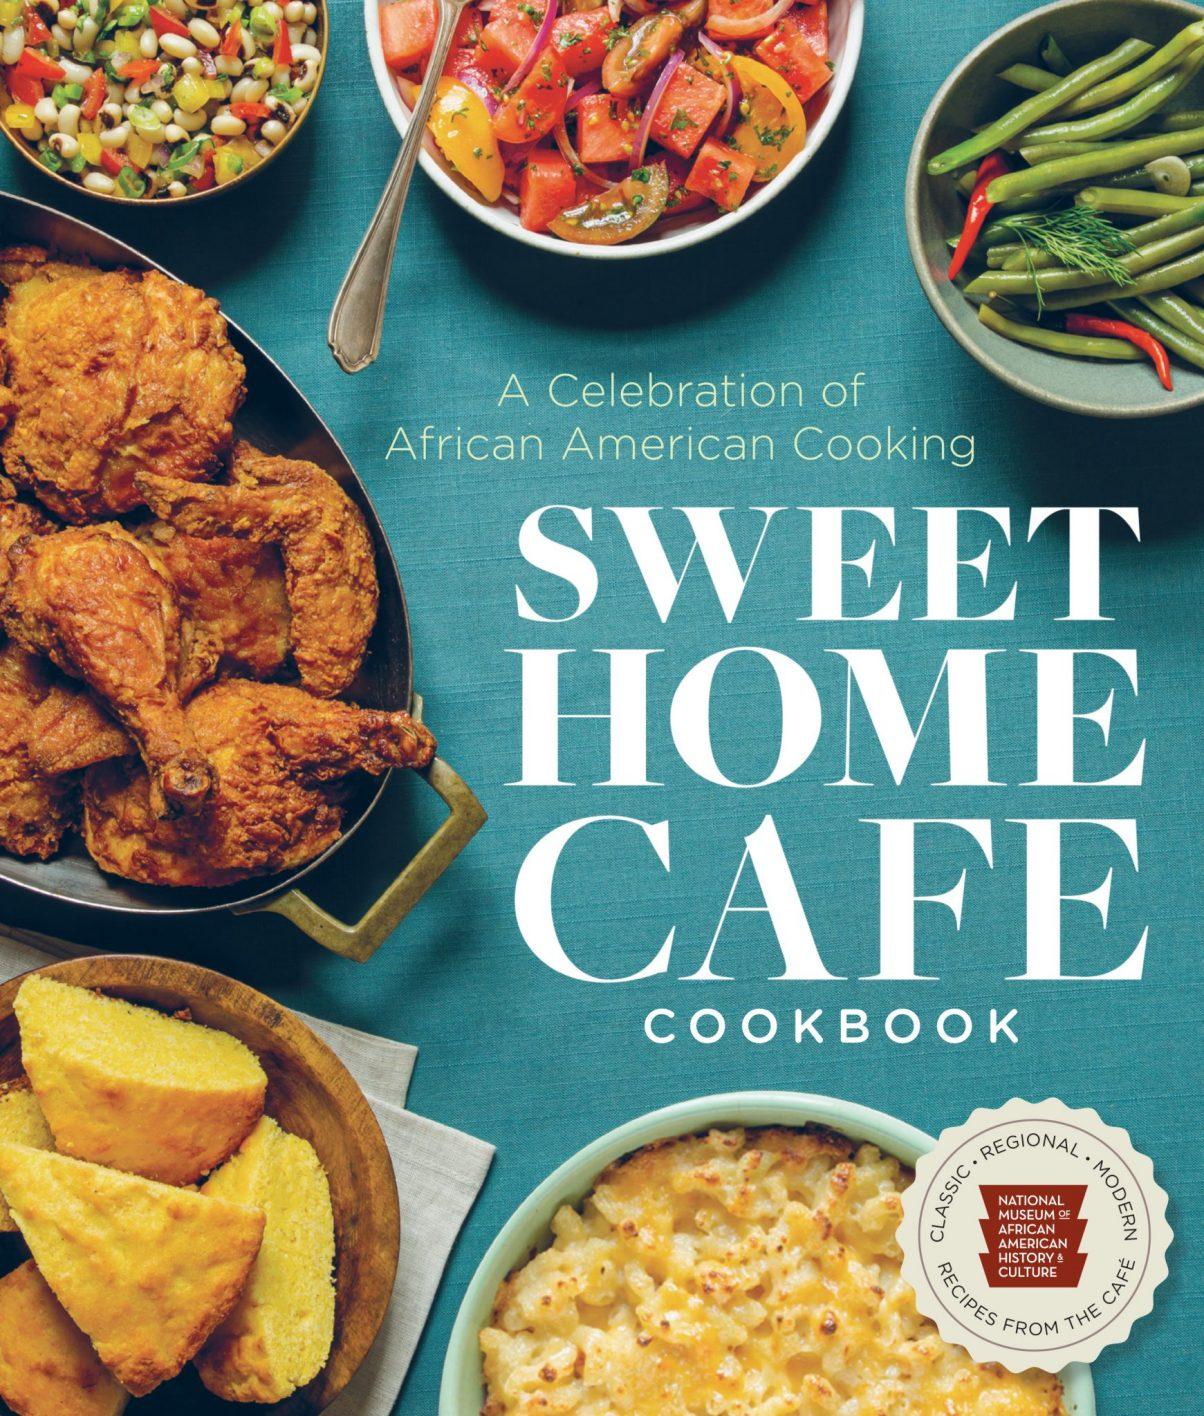 Sweet Home Cafe Cookbook, 2018